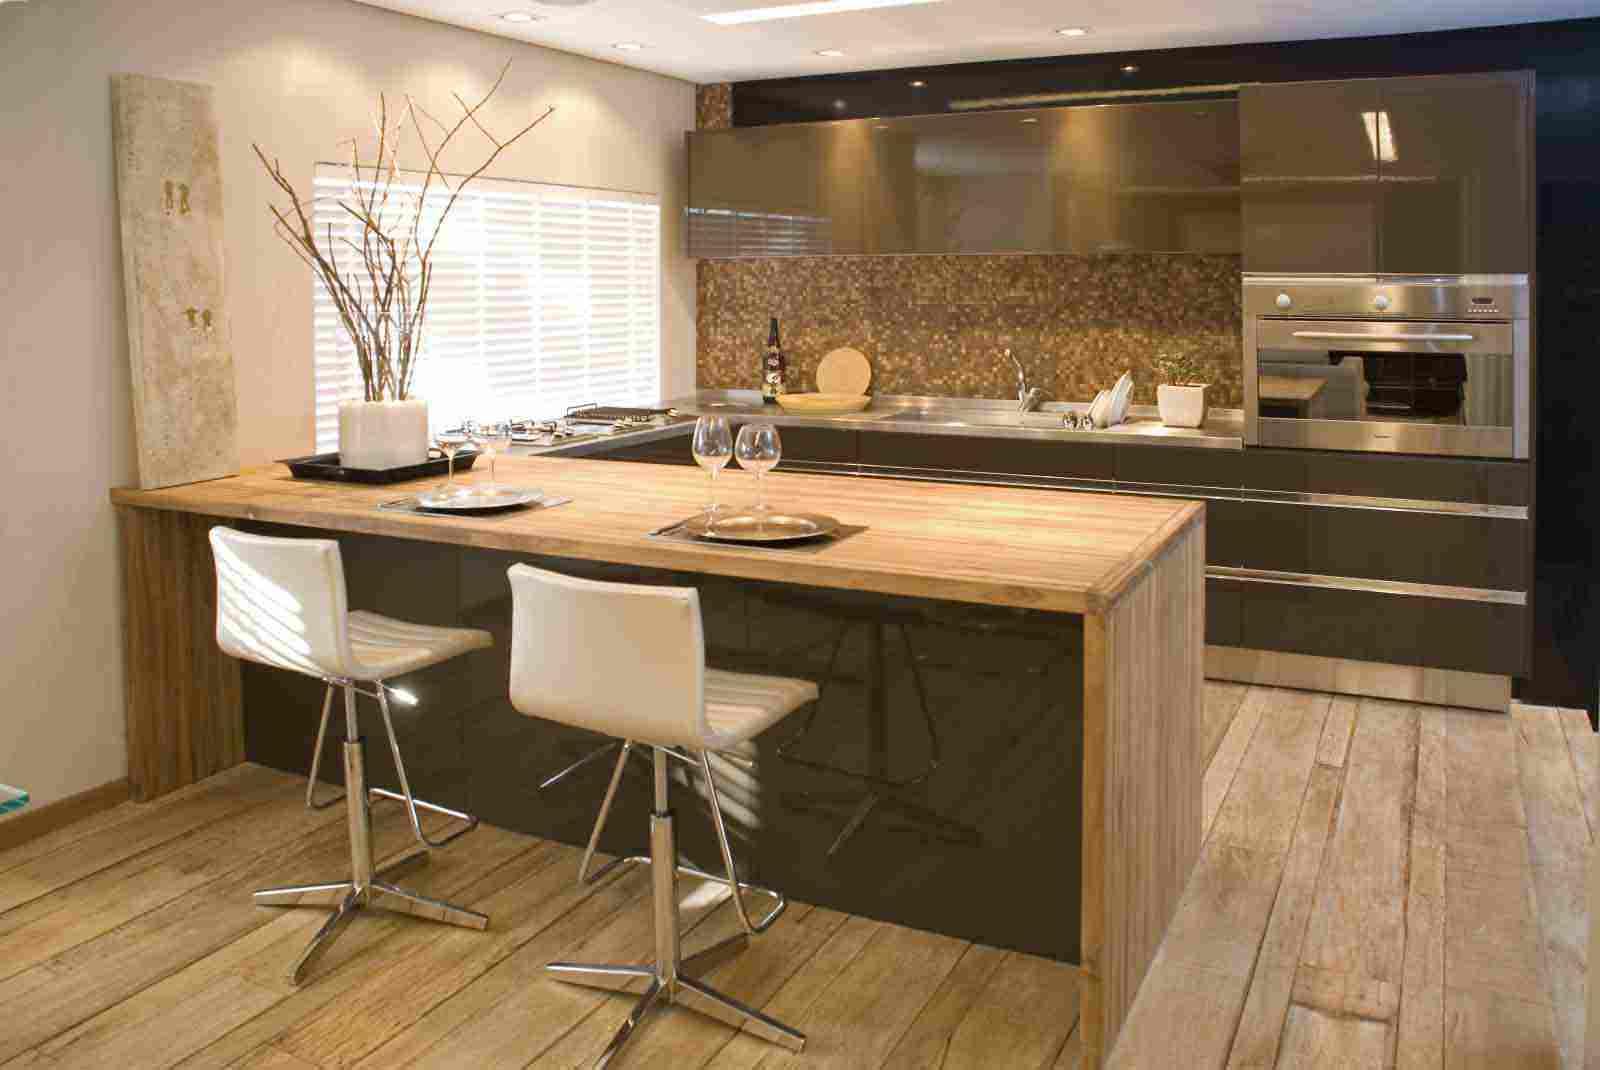 Projetos & Decoração: Cozinhas #956836 1600x1070 Bancada Banheiro Teca